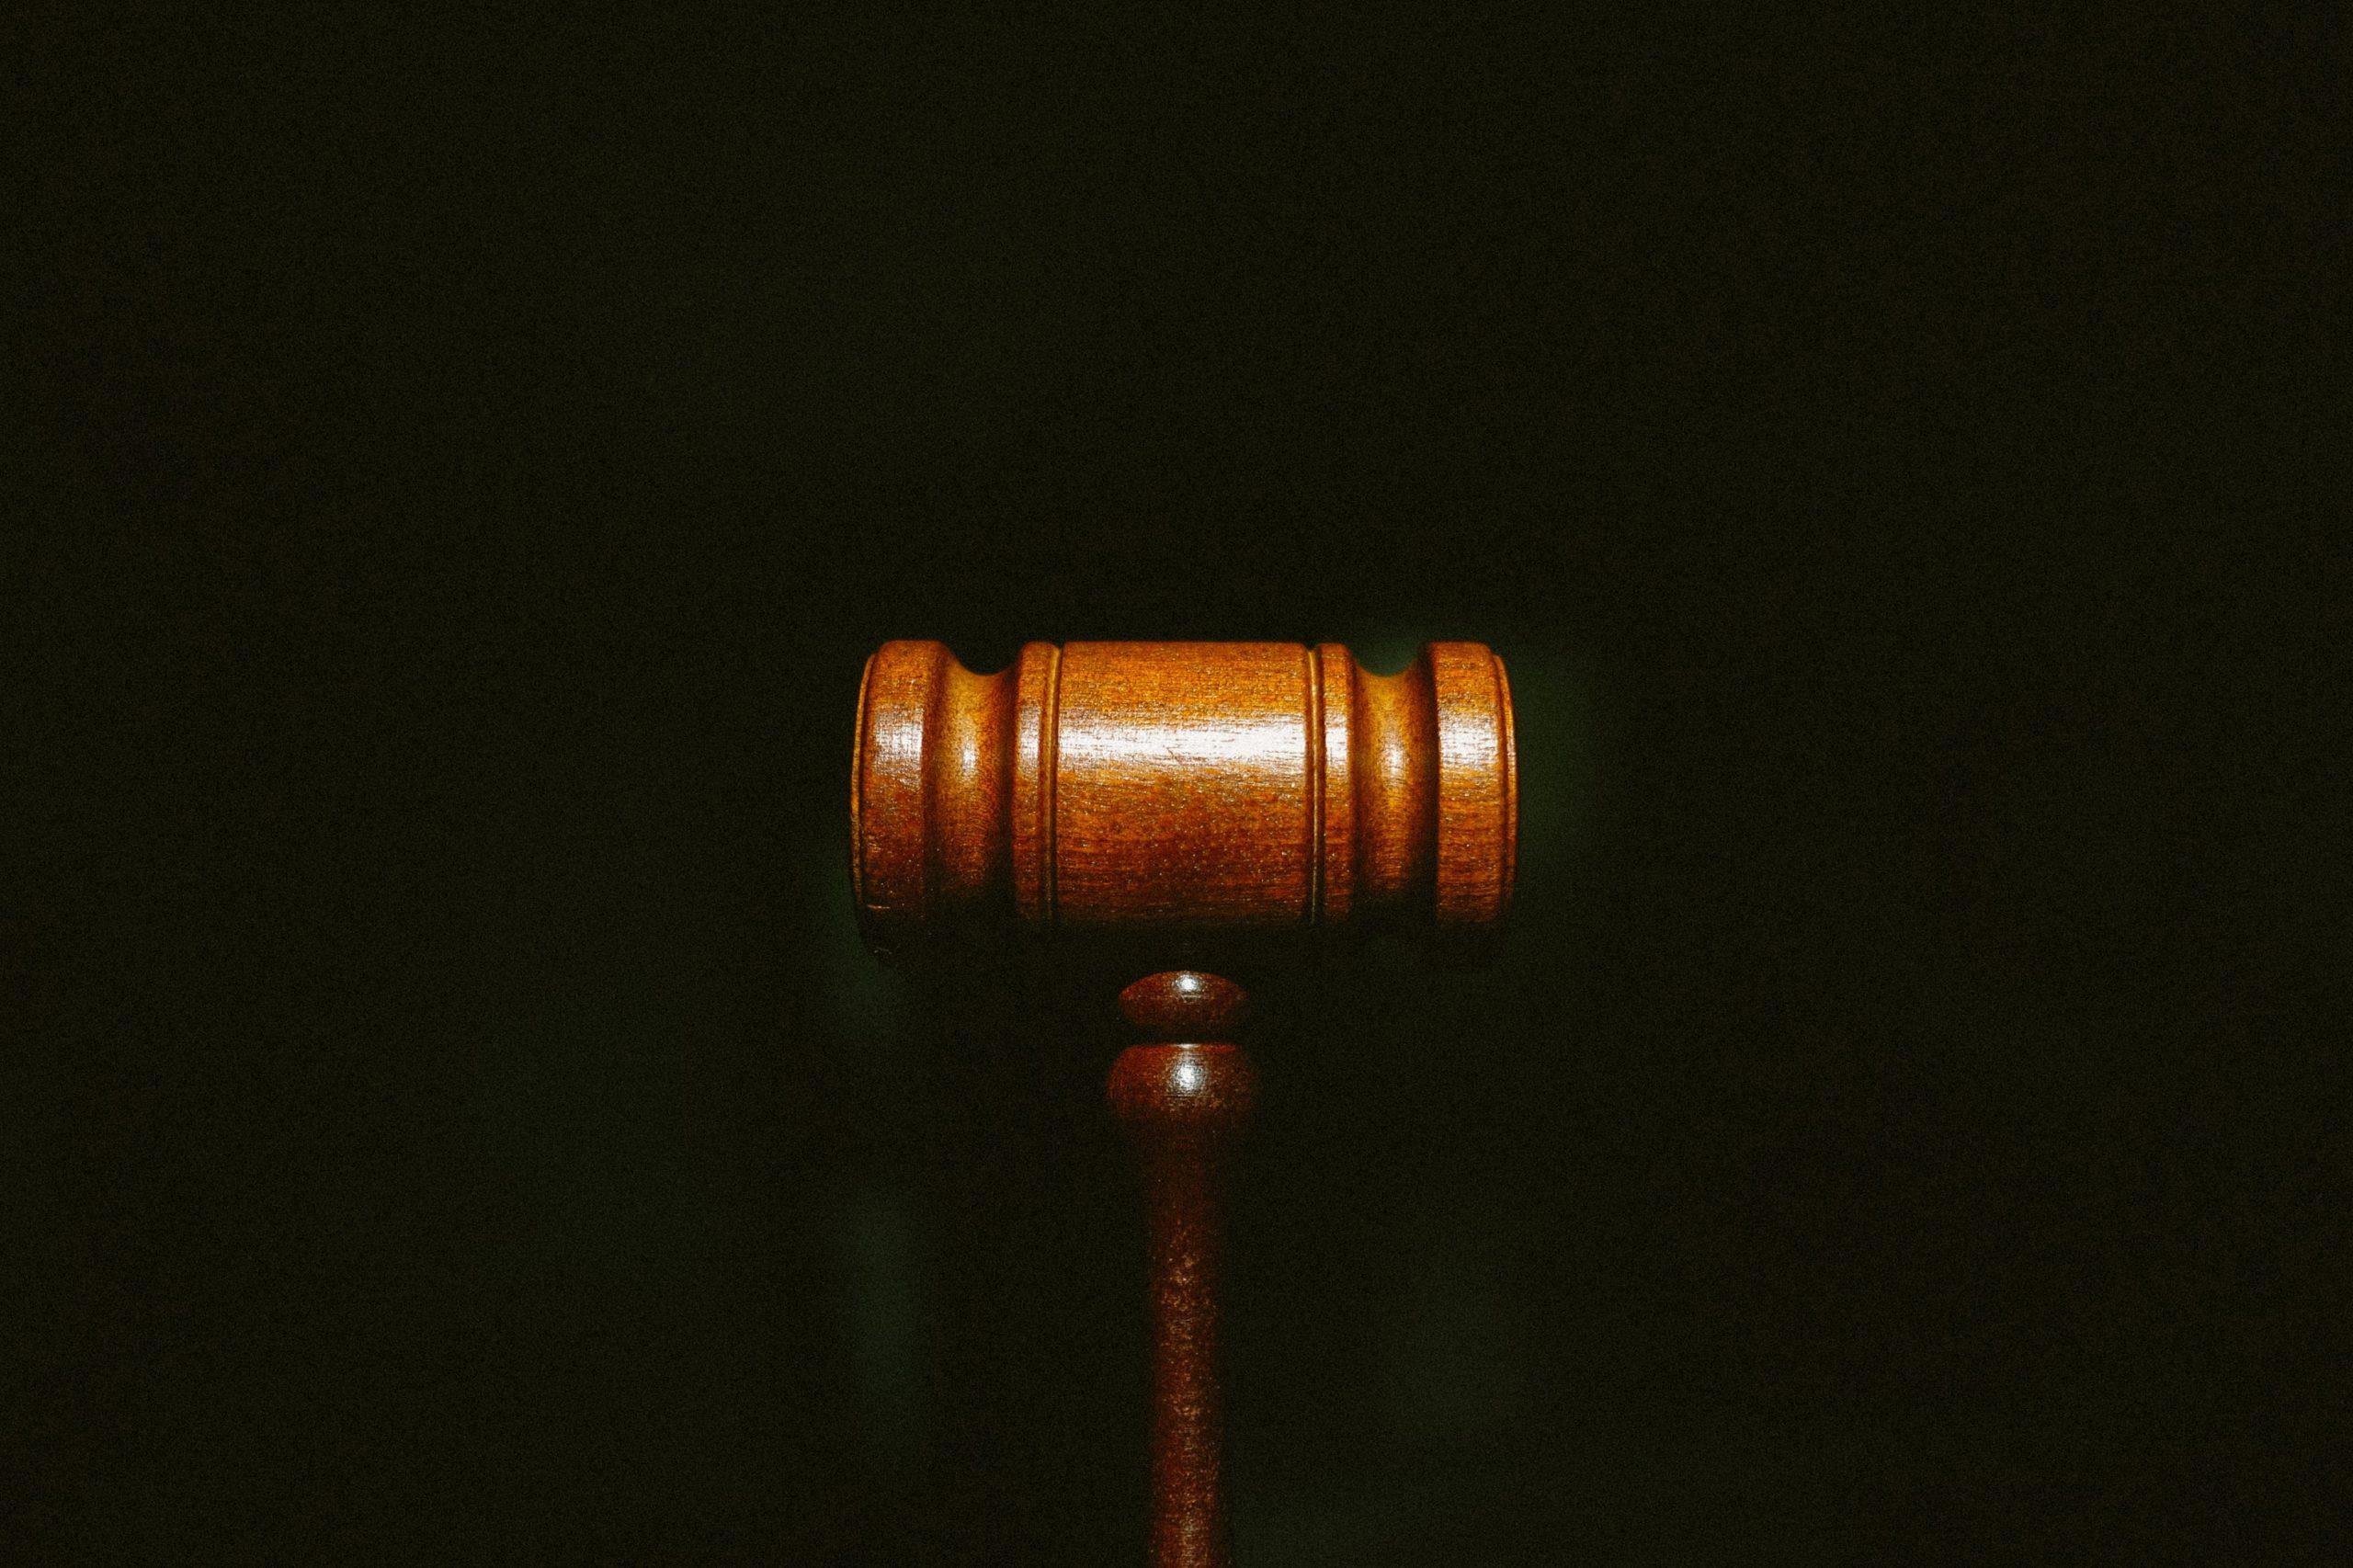 Una sentenza del Consiglio di Stato sul parmigiano blinda i piani produttivi delle Dop